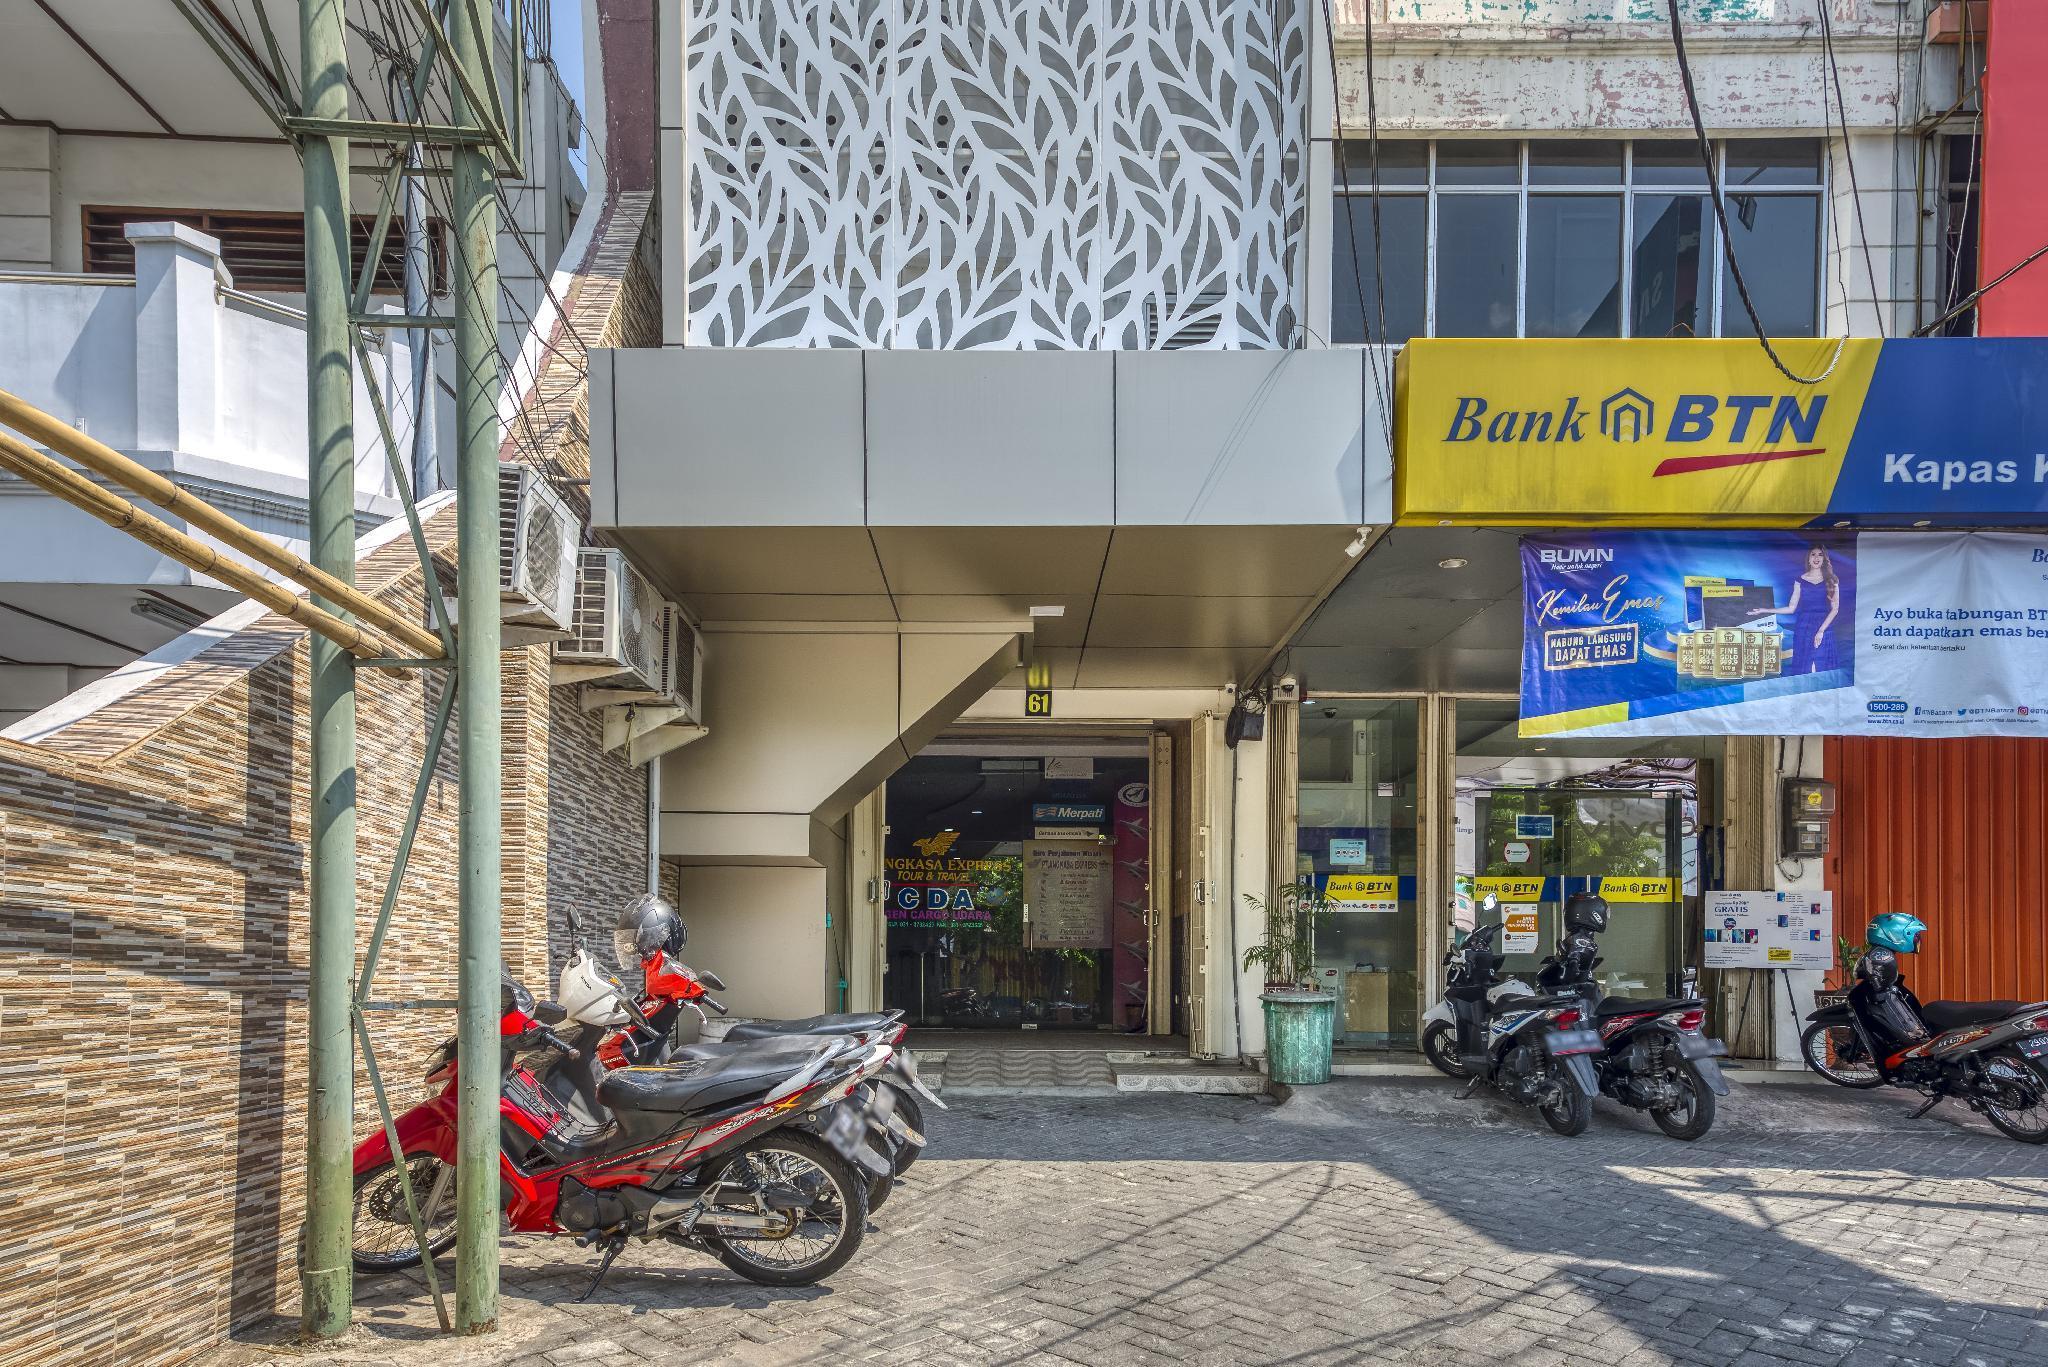 KoolKost Near Kaza Mall Surabaya